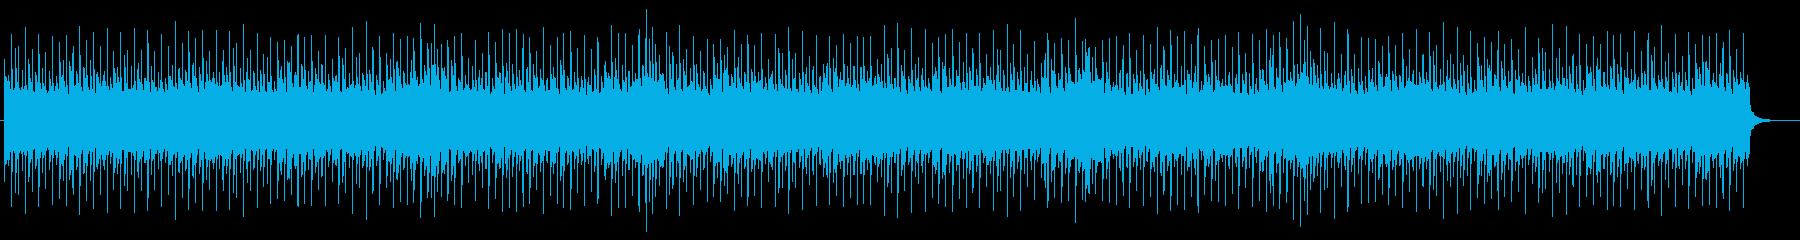 ナレーションバックに~DISCOポップの再生済みの波形